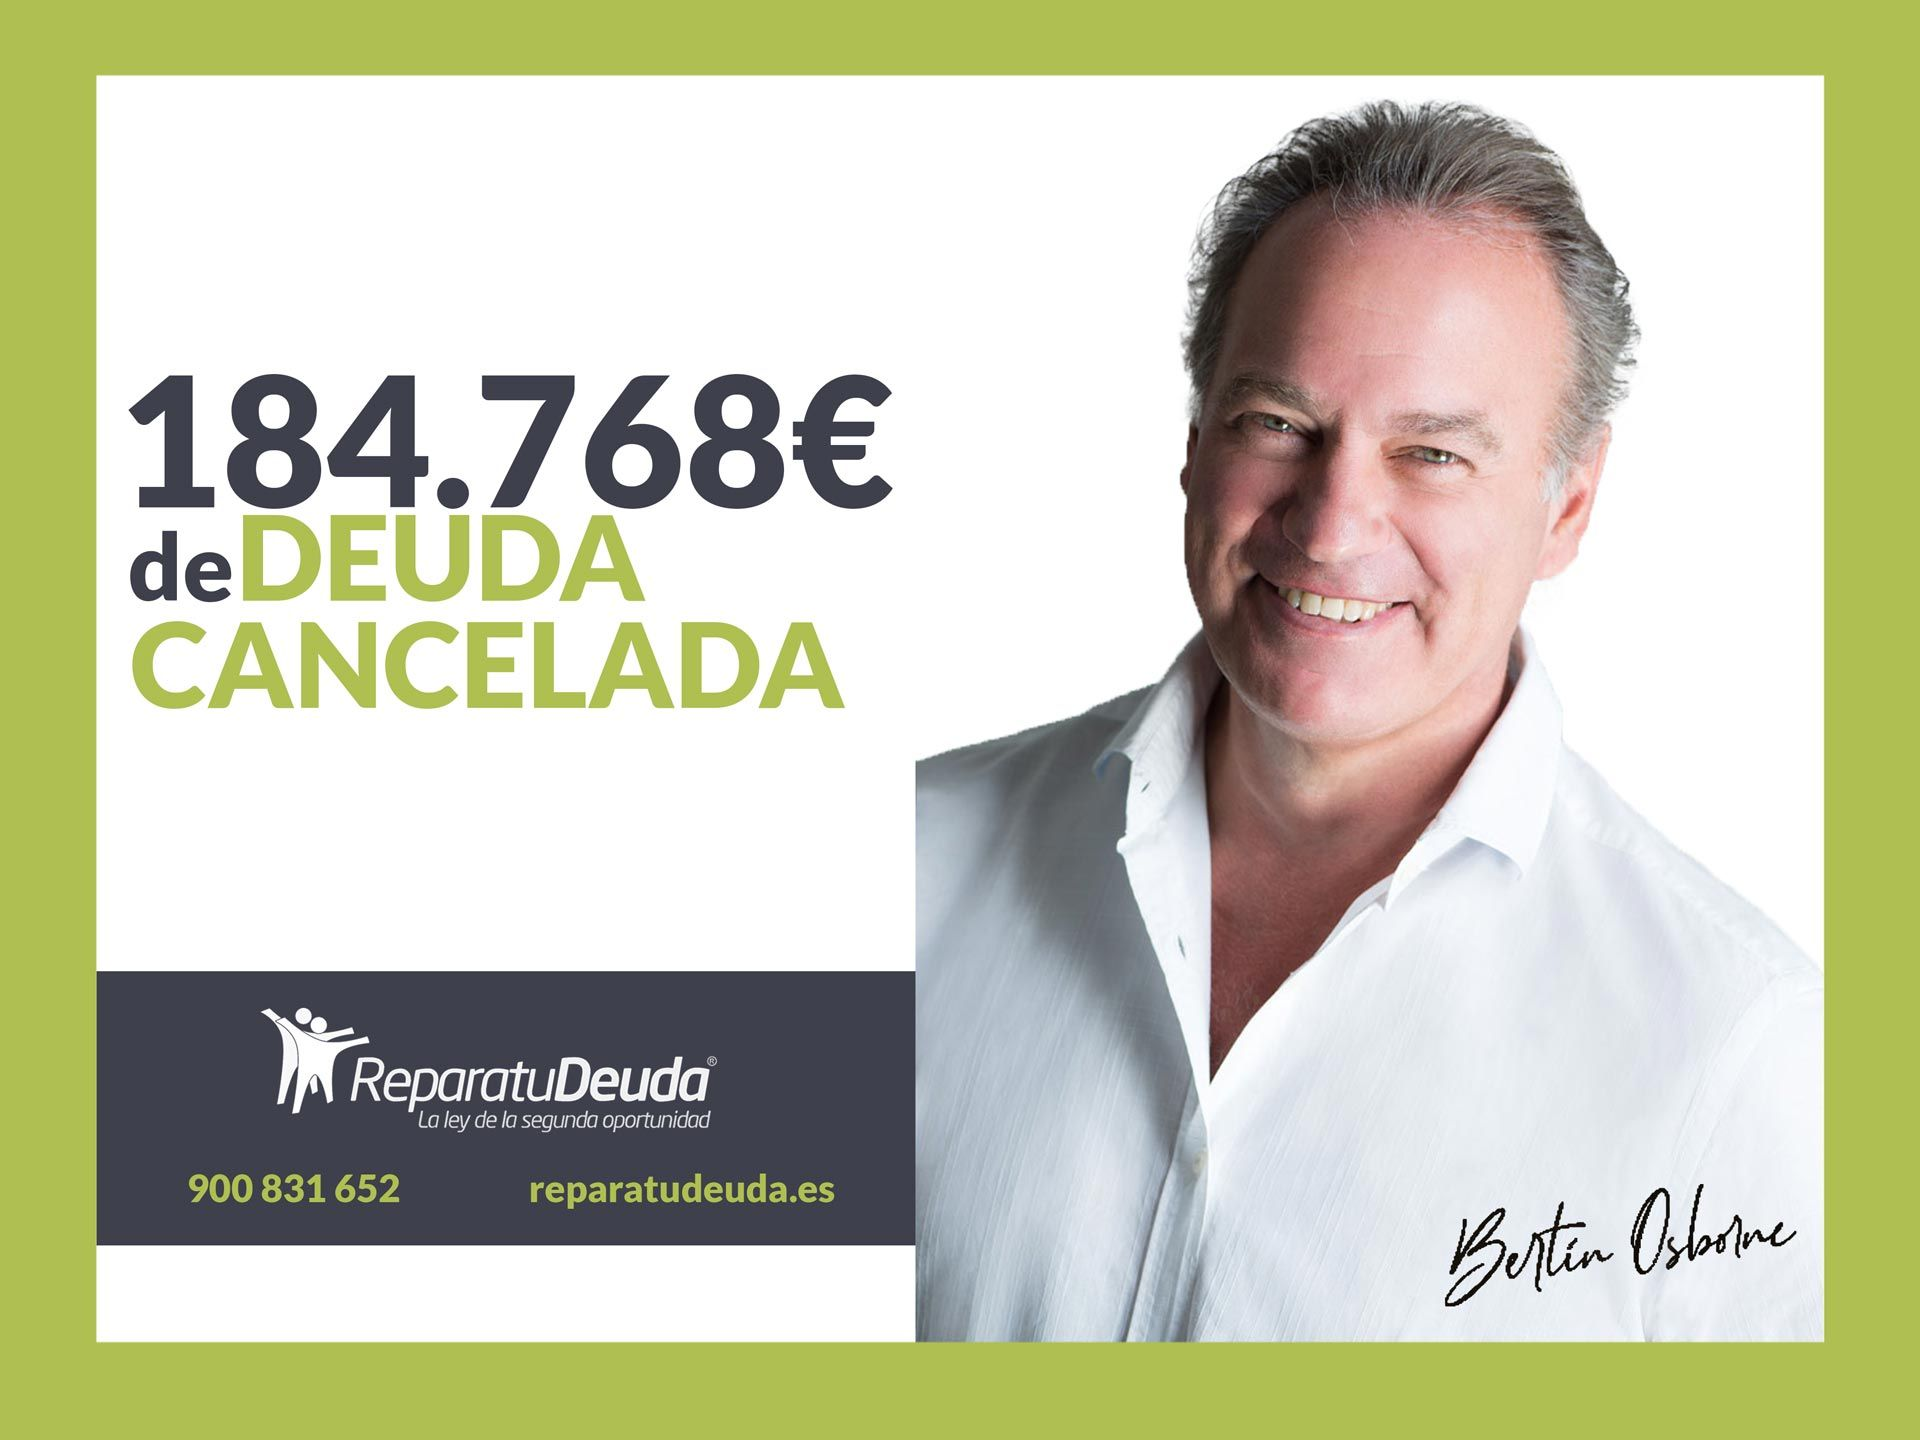 Repara tu Deuda cancela 184.768 ? en San Vicente del Raspeig (Alicante) con la Ley de Segunda Oportunidad